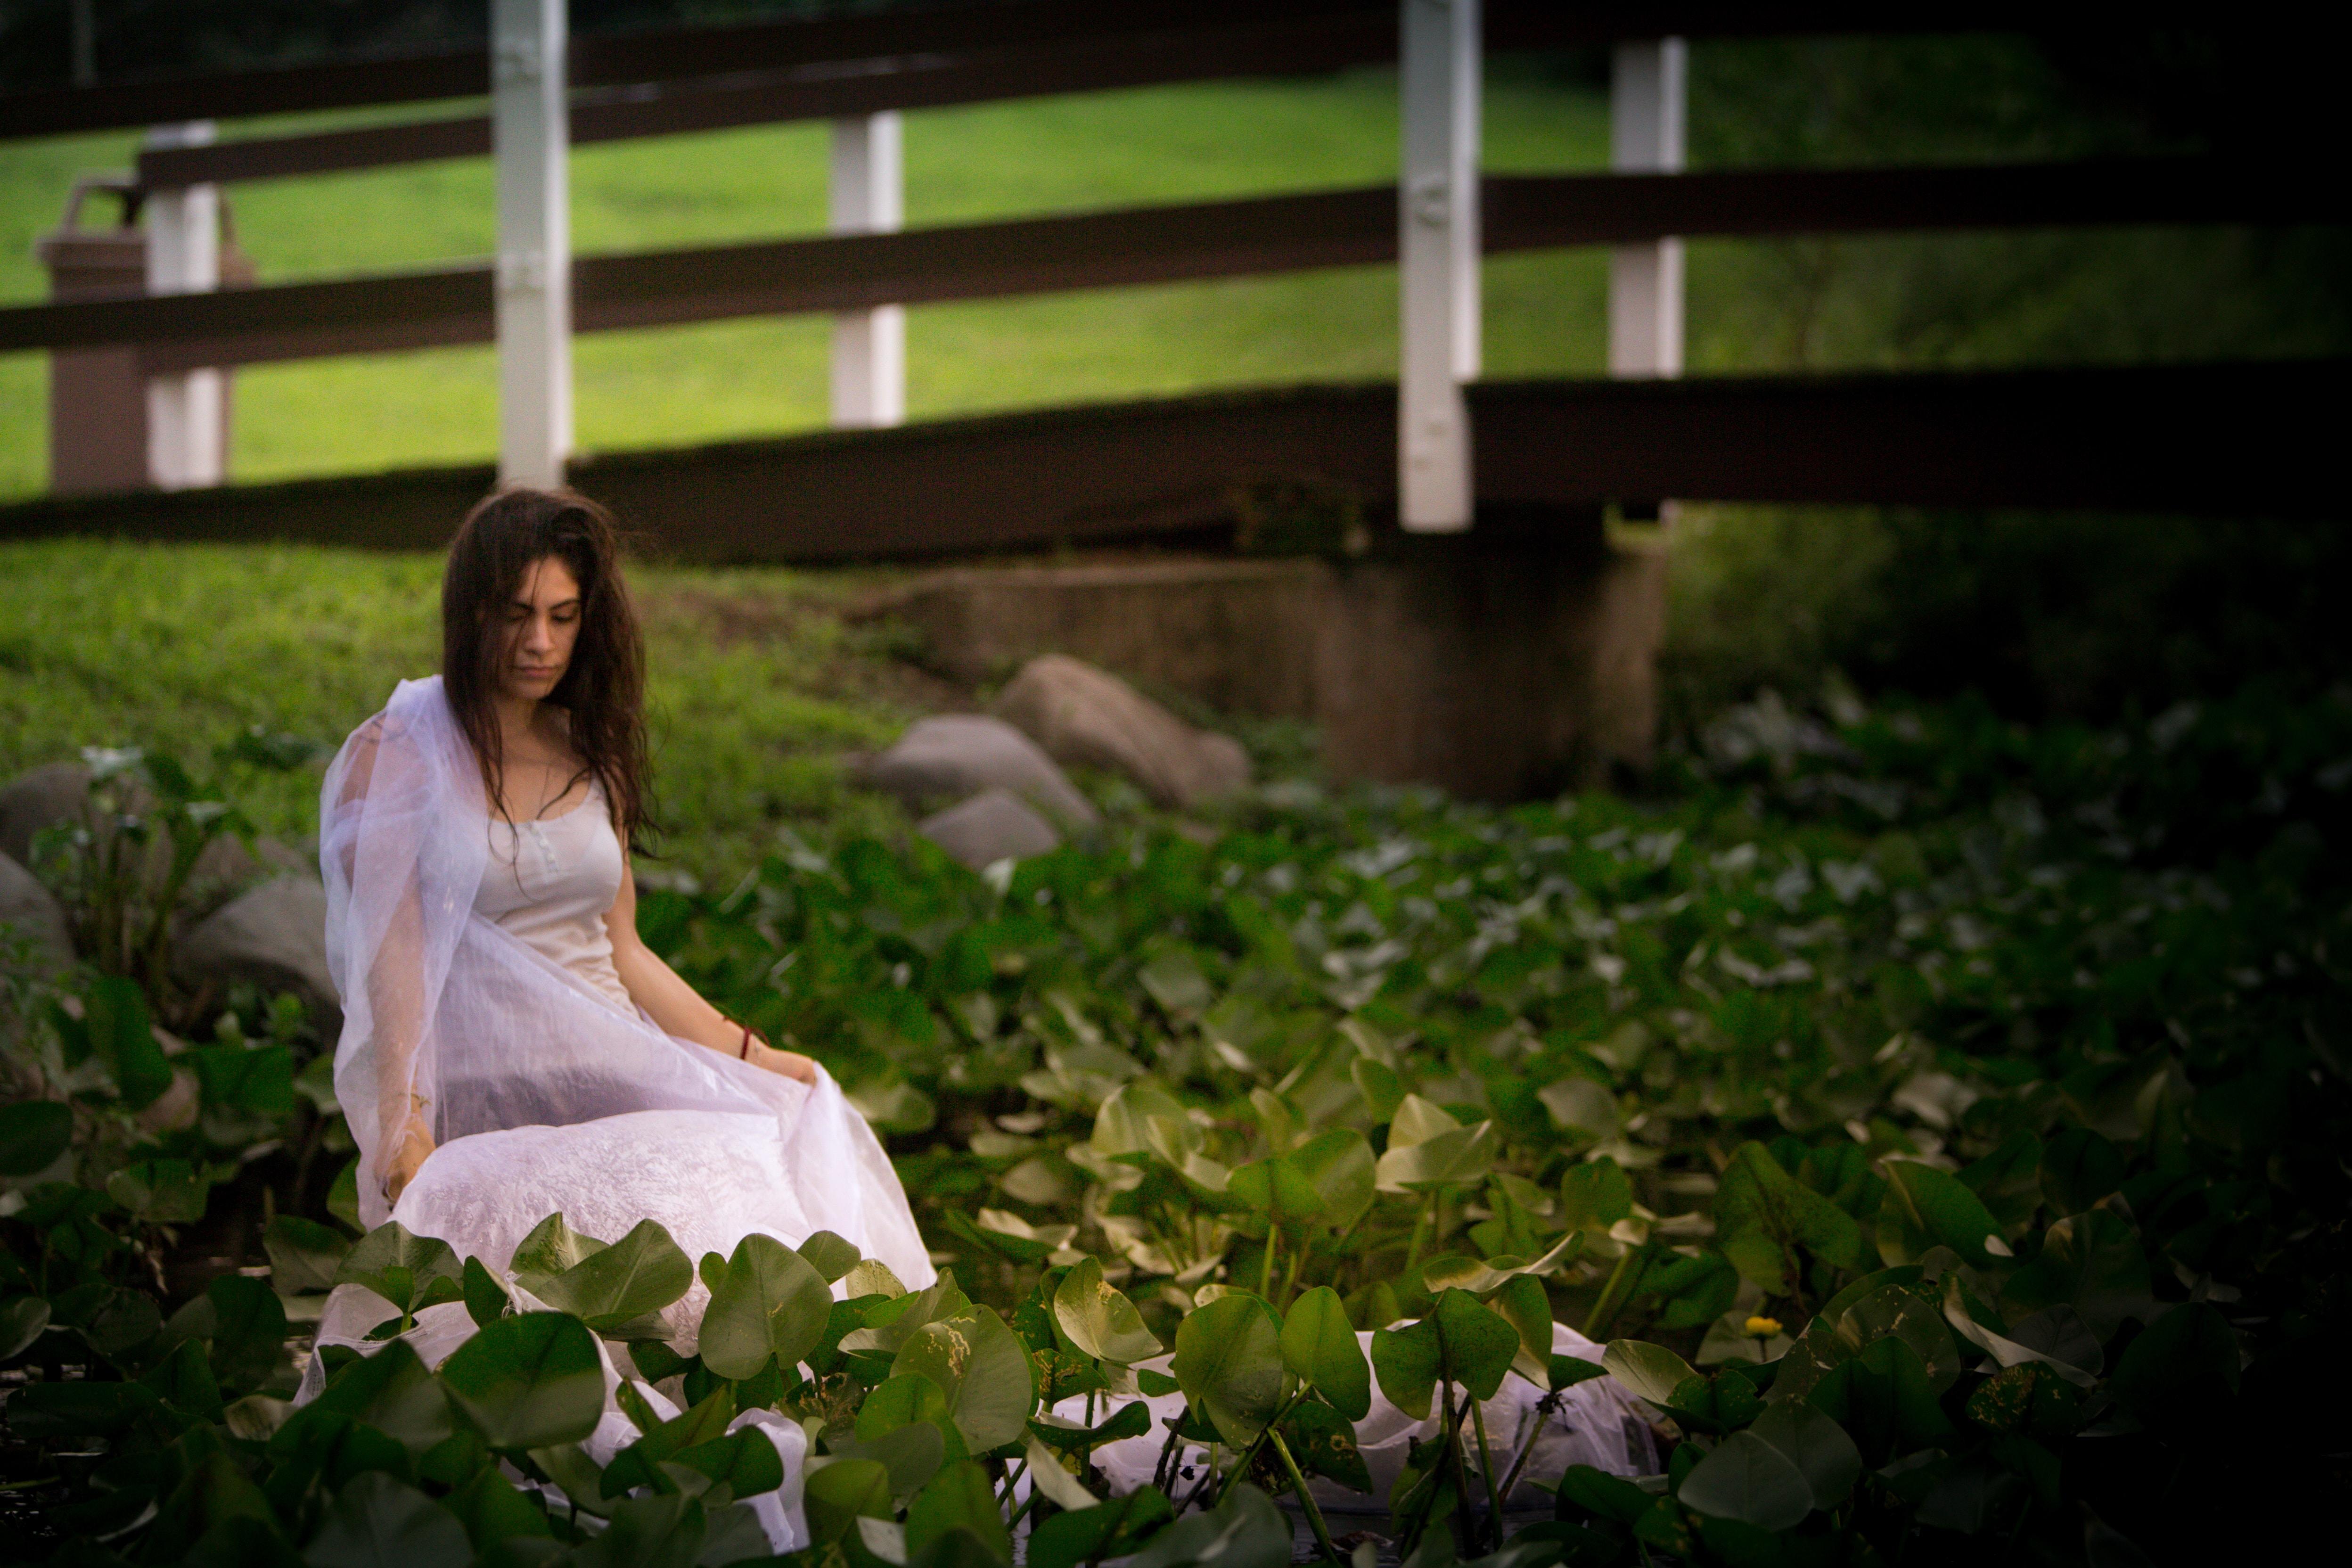 woman in white dress sitting beside plants